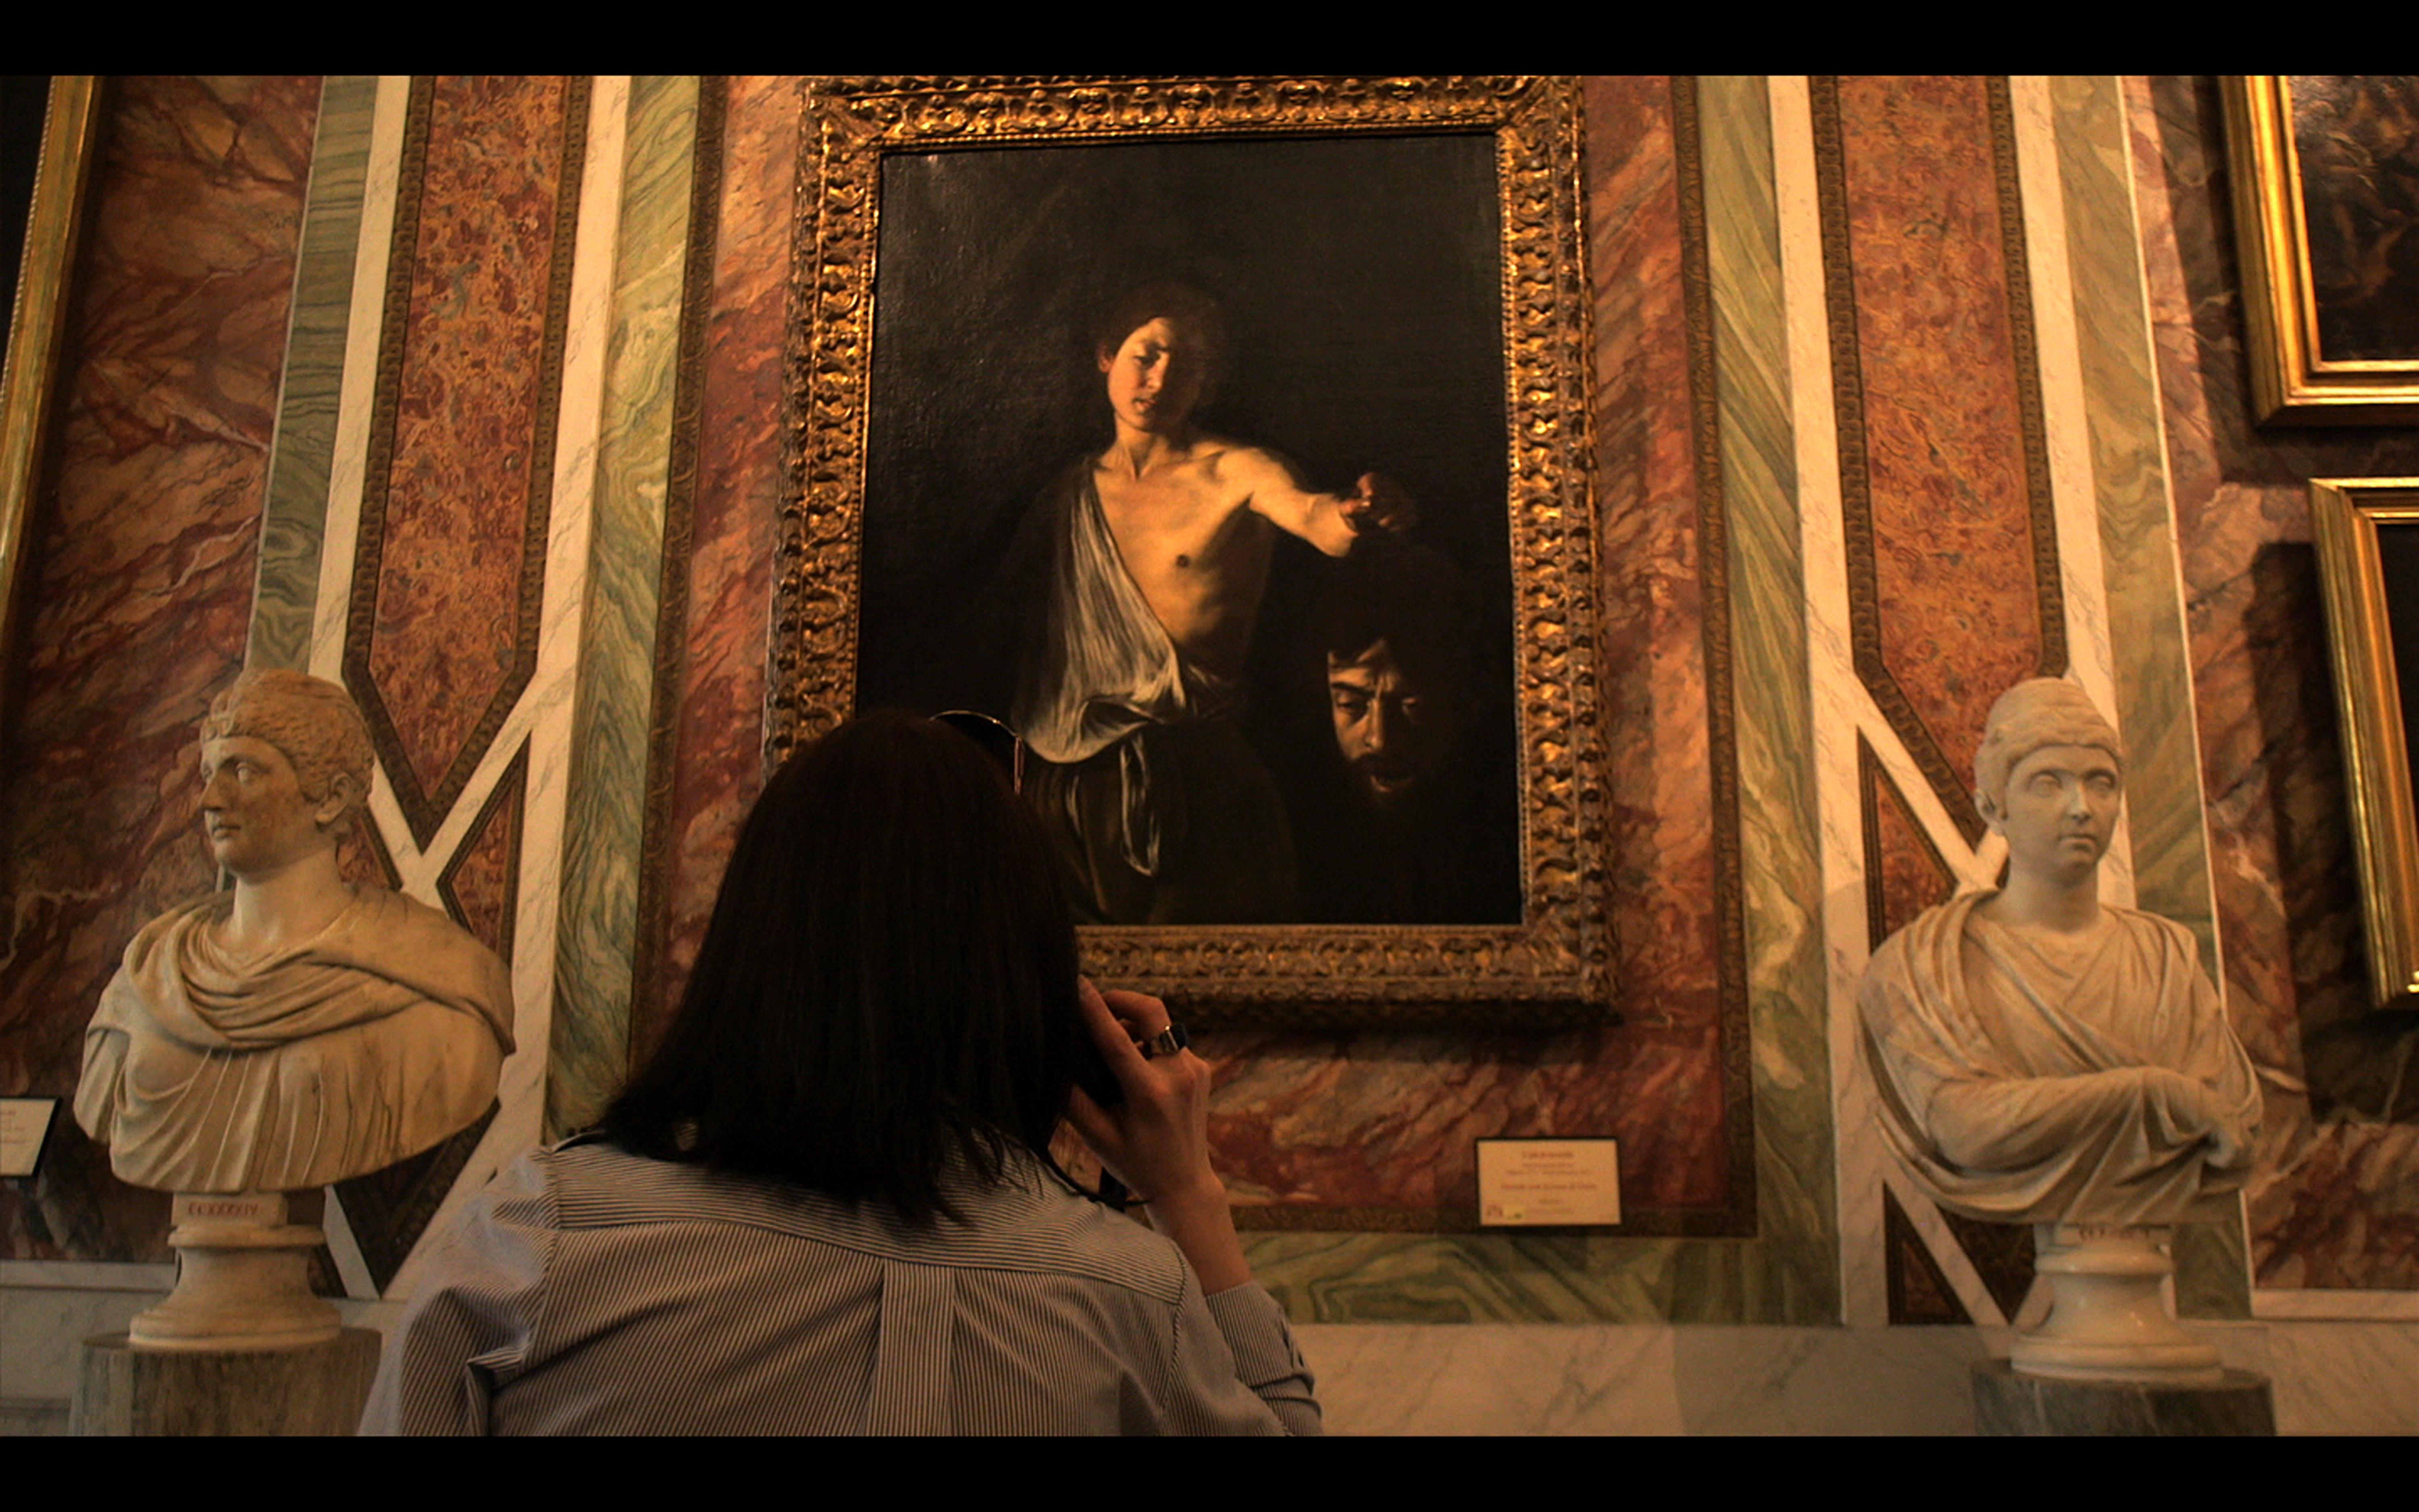 NURTURE o dell'educazione libertaria<h3>Intorno alla Storia dell'Arte Italiana in Italia. David & Goliath N° 45 dell'artista Mitra Farahani</h3>di Rossana Macaluso